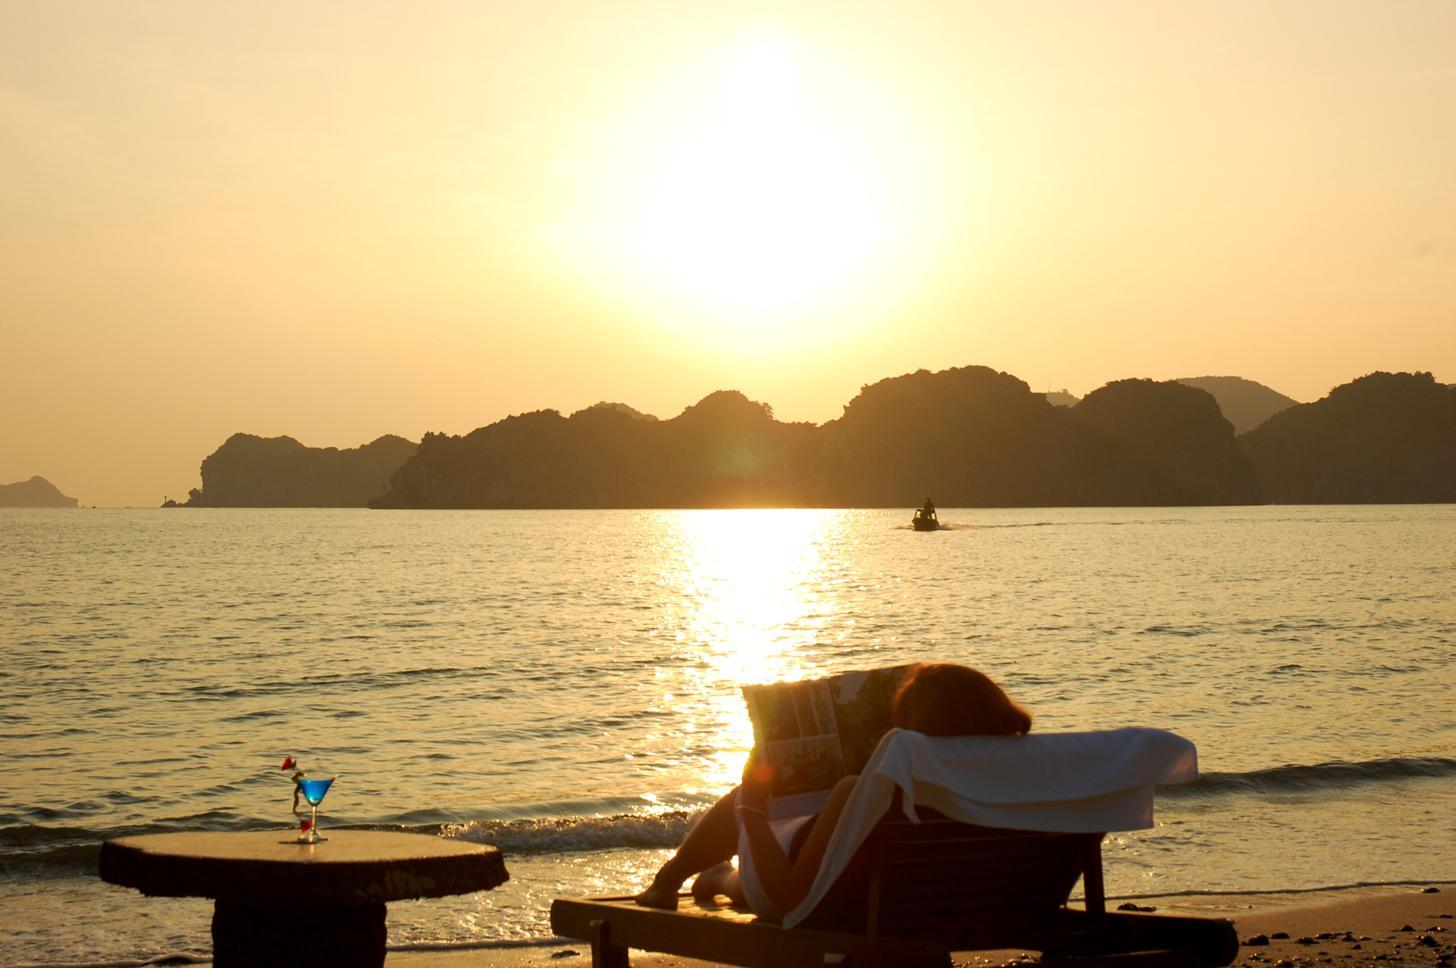 Hình ảnh 16.sunset at Monkey Island beach - Đảo Cát Bà